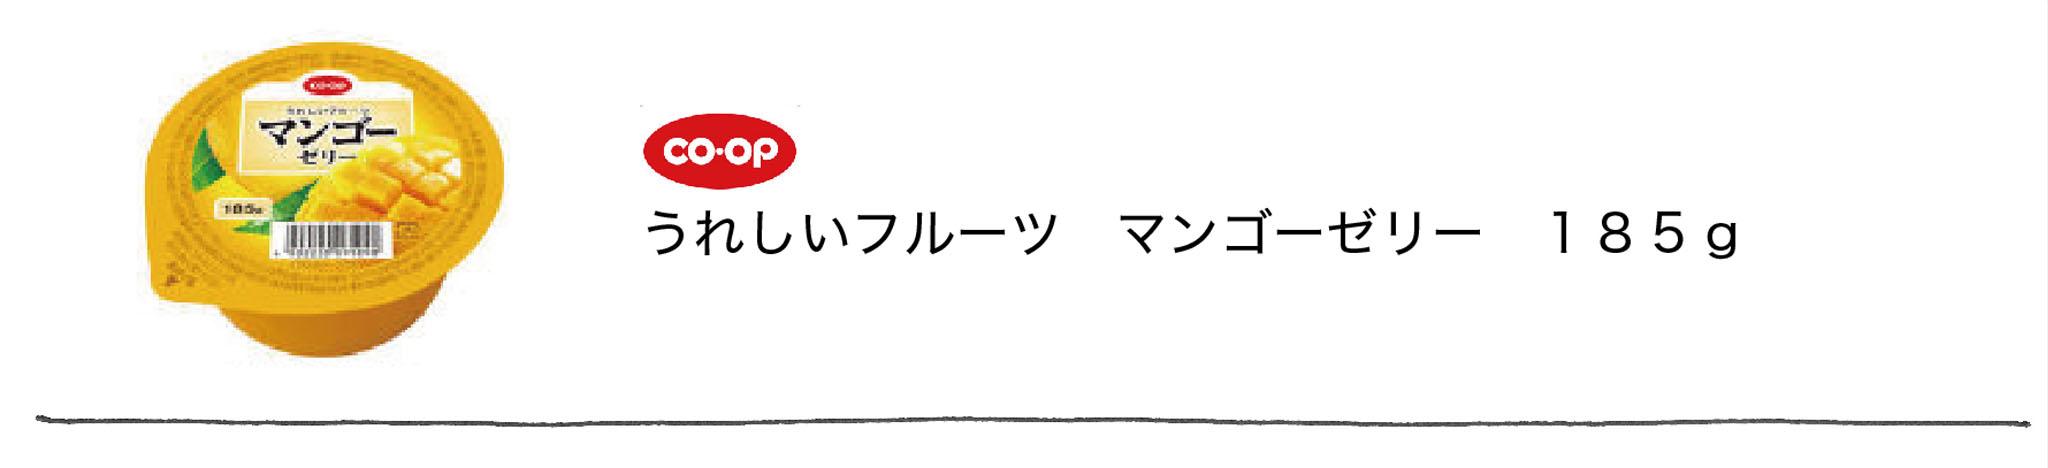 natuoyasu_e.jpg